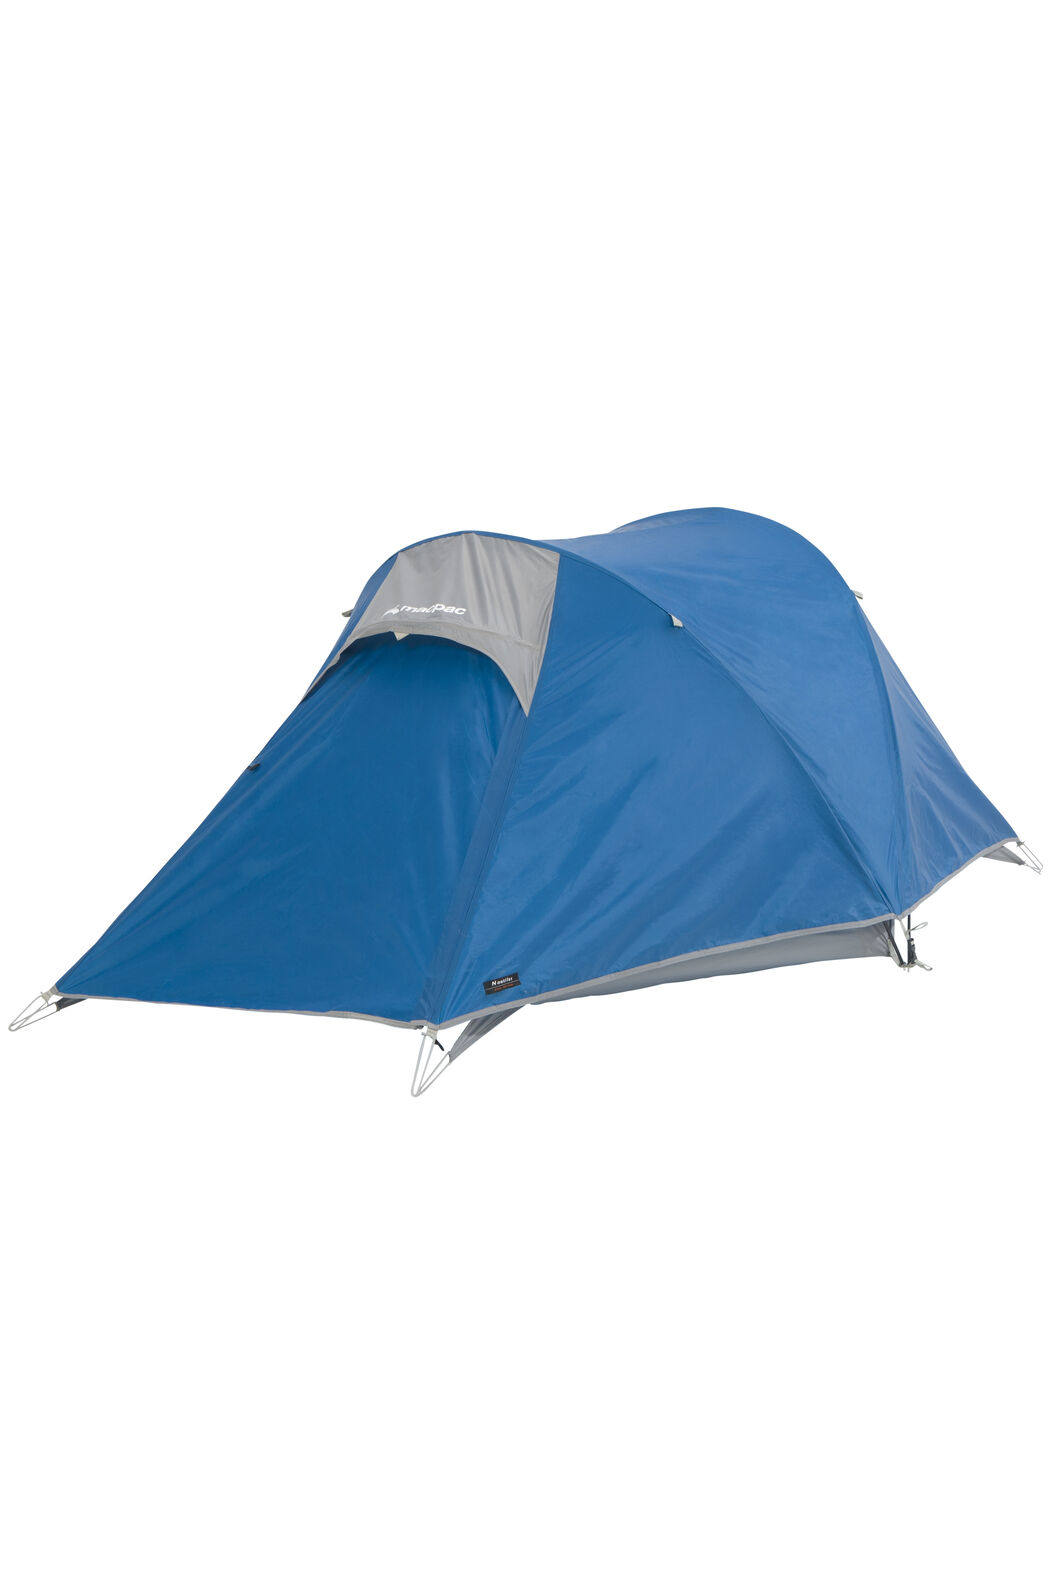 Nautilus Camping Tent, Imperial Blue, hi-res